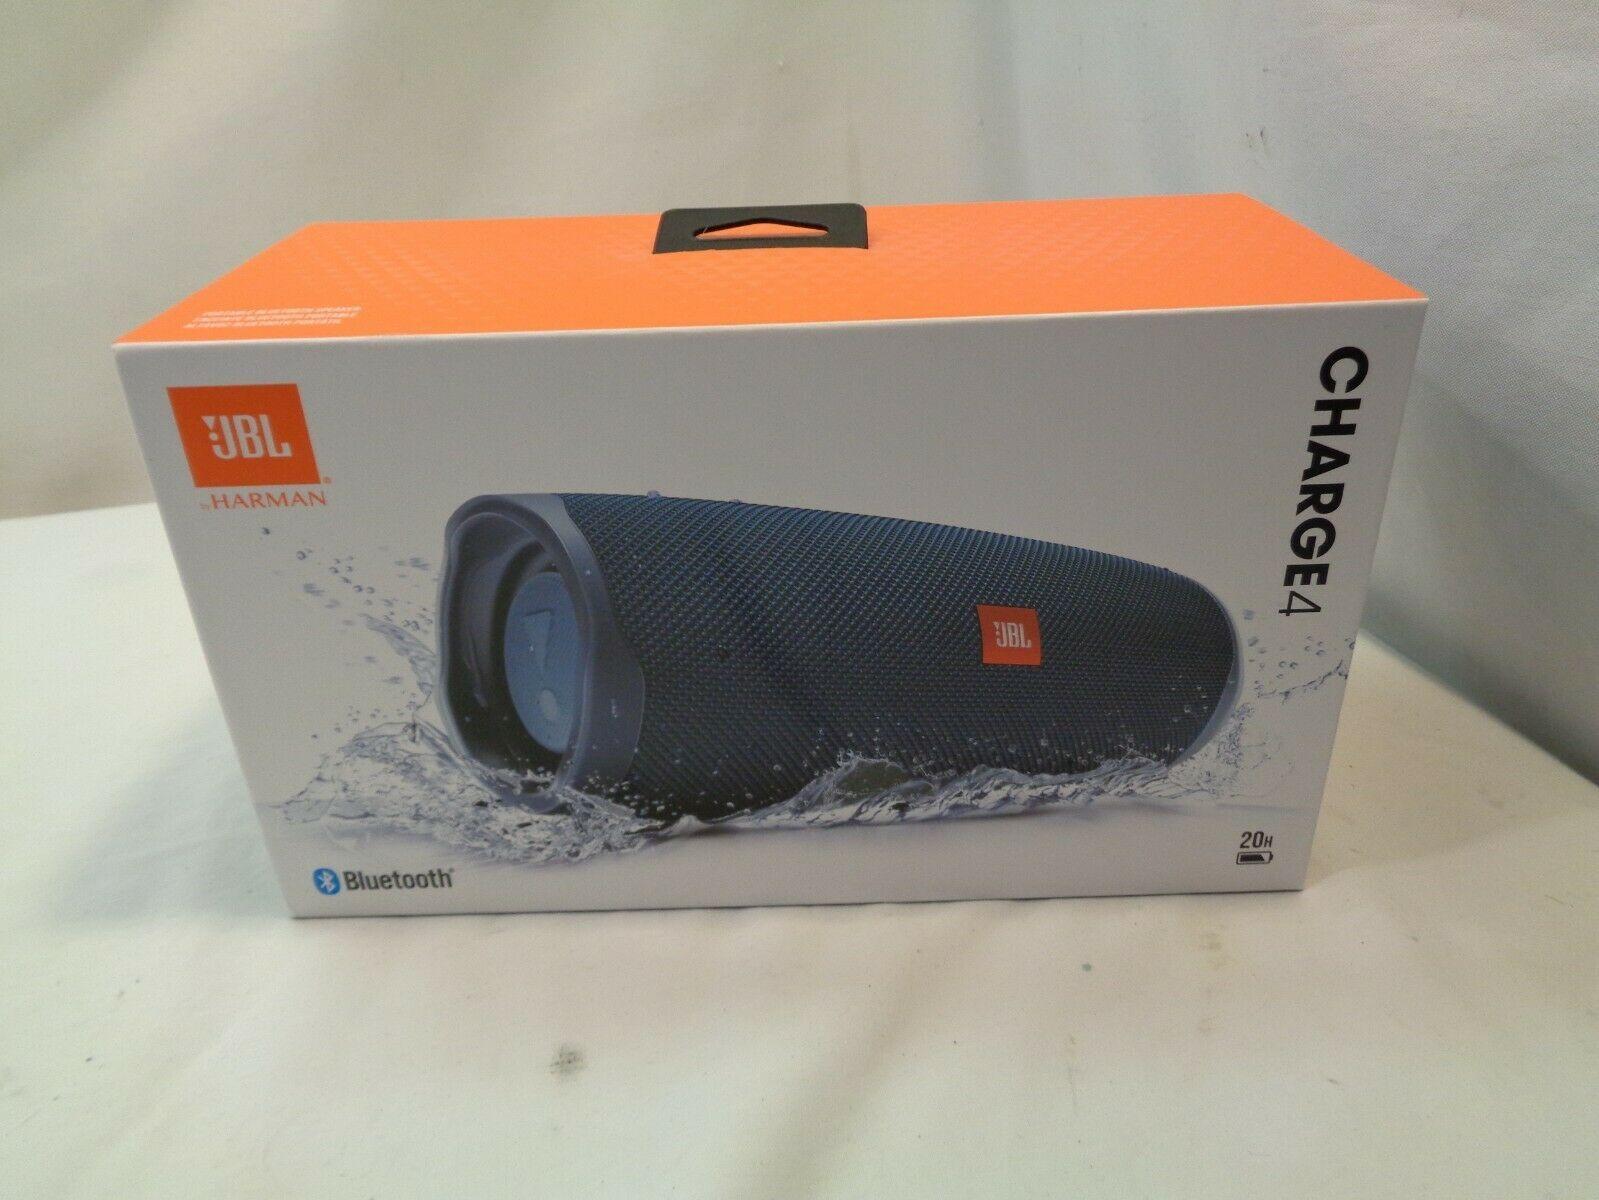 Jbl Charge 4 Bluetooth Waterproof Portable Speaker Bluetooth Speakers Waterproof Waterproof Bluetooth Speaker Bluetooth Speakers Portable Portable Speaker